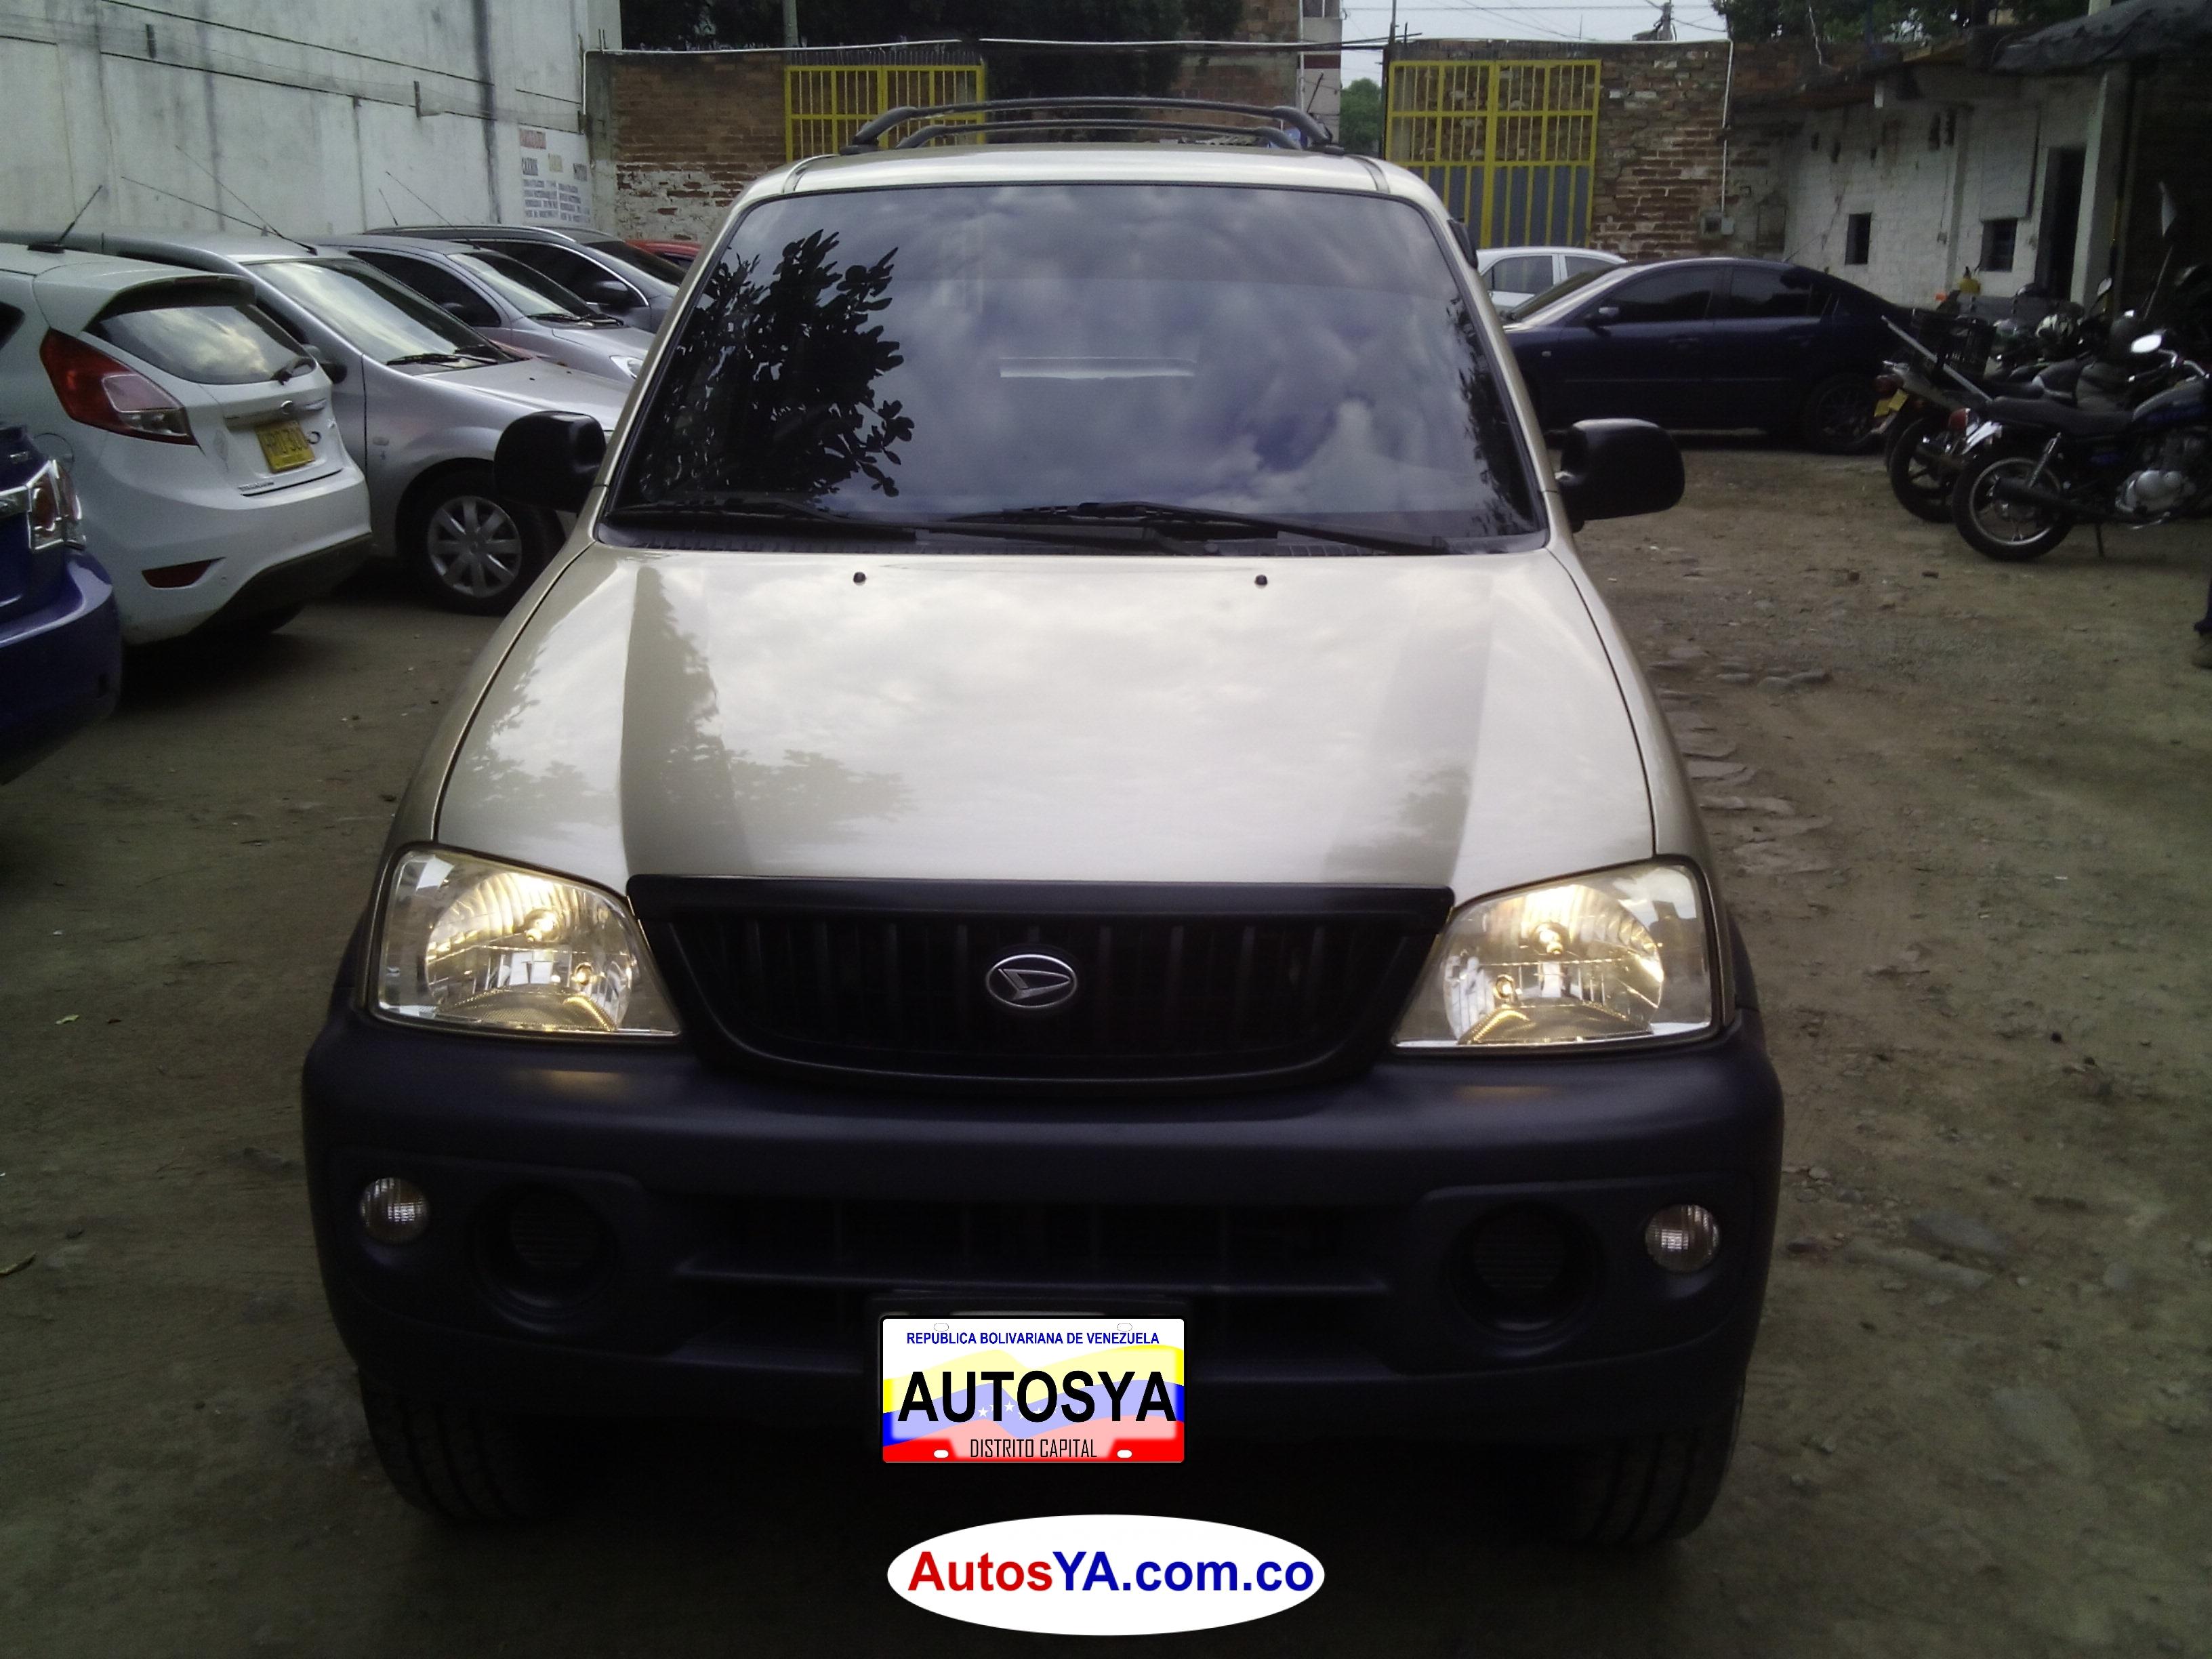 Terios 2004 aut 122549 ven  (5)